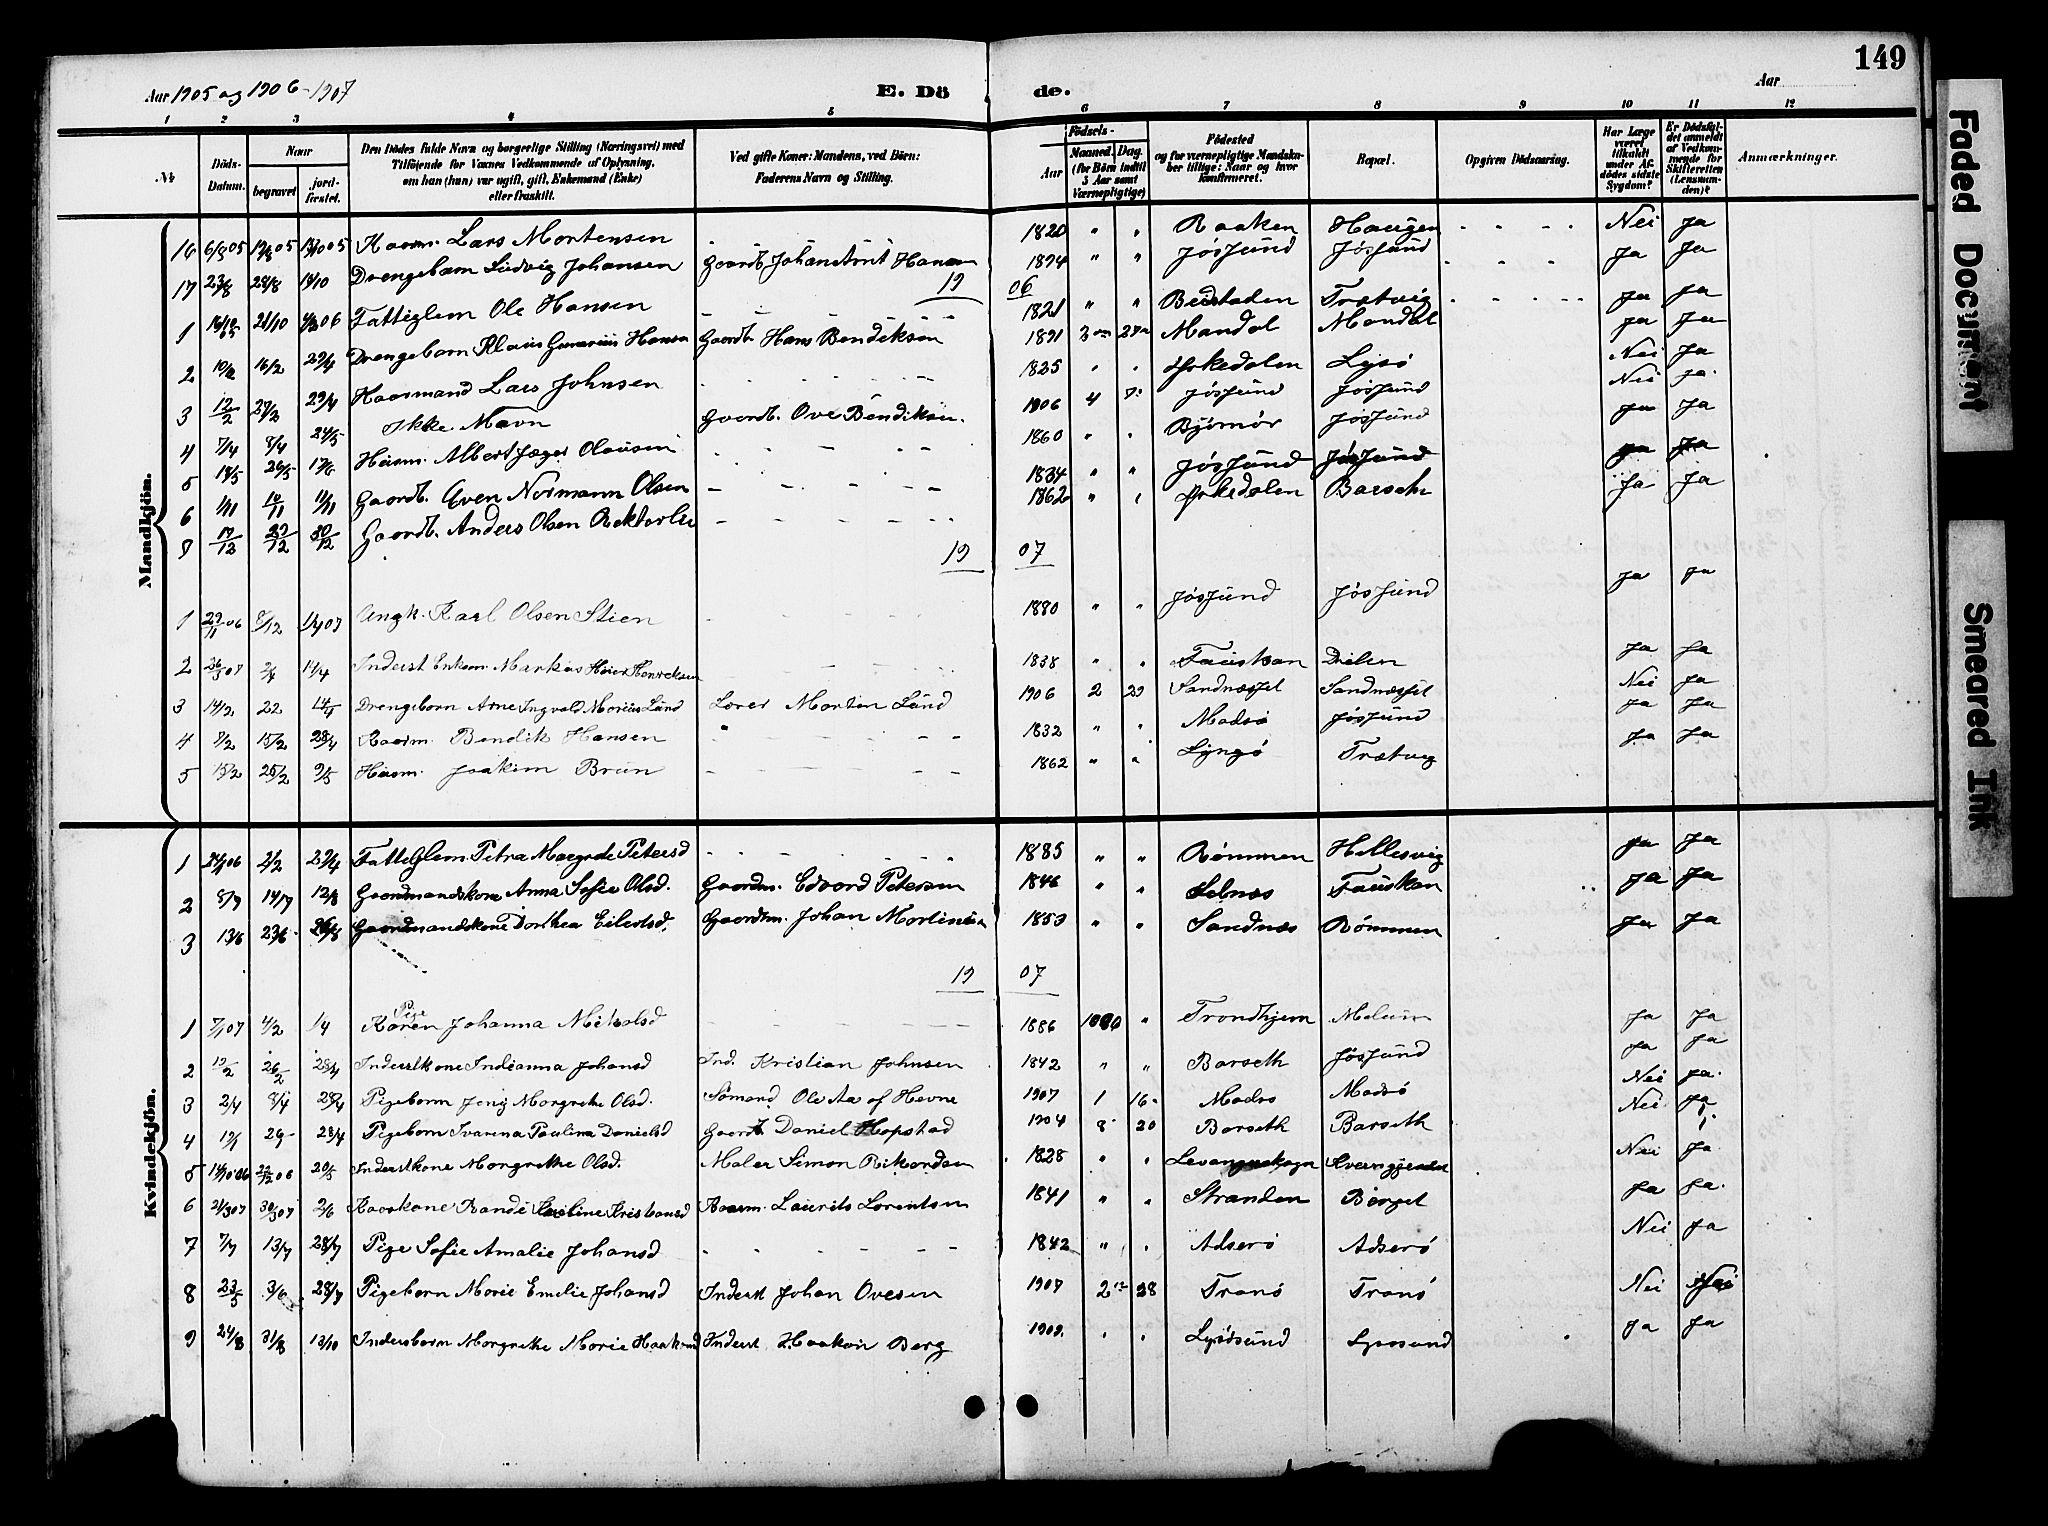 SAT, Ministerialprotokoller, klokkerbøker og fødselsregistre - Sør-Trøndelag, 654/L0666: Klokkerbok nr. 654C02, 1901-1925, s. 149